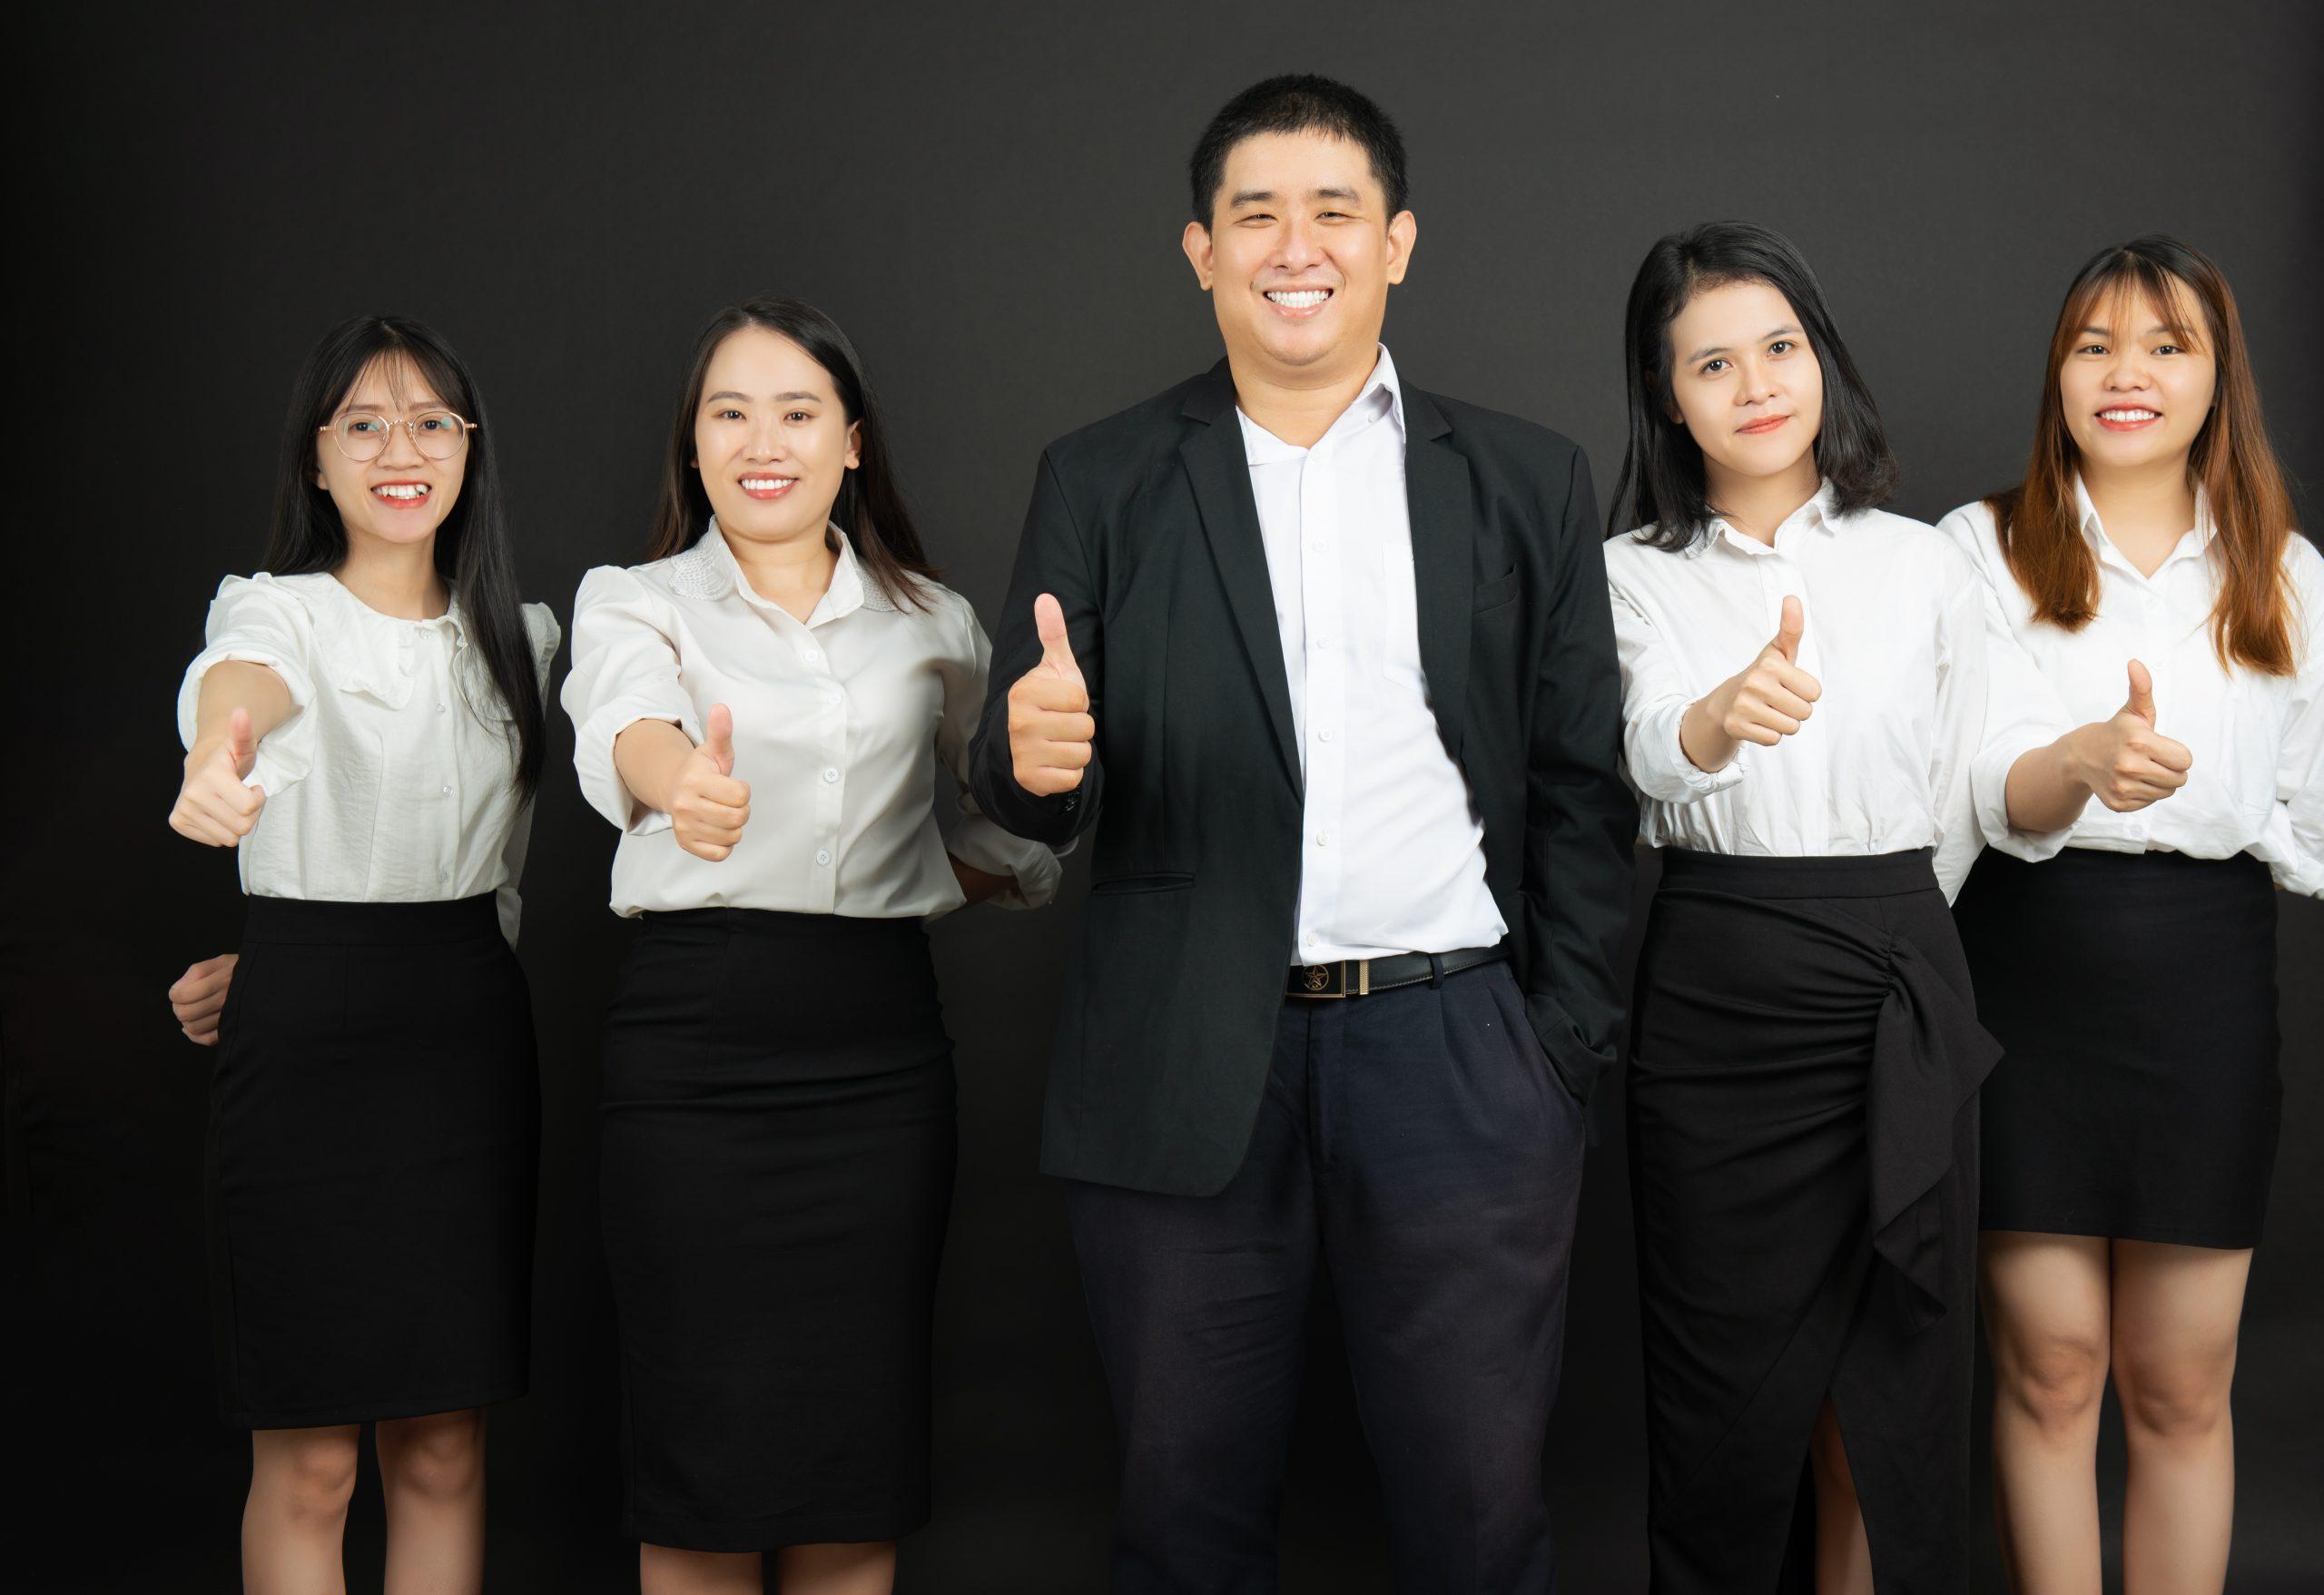 ảnh tập thể đội ngũ nhân sự phamdolaw